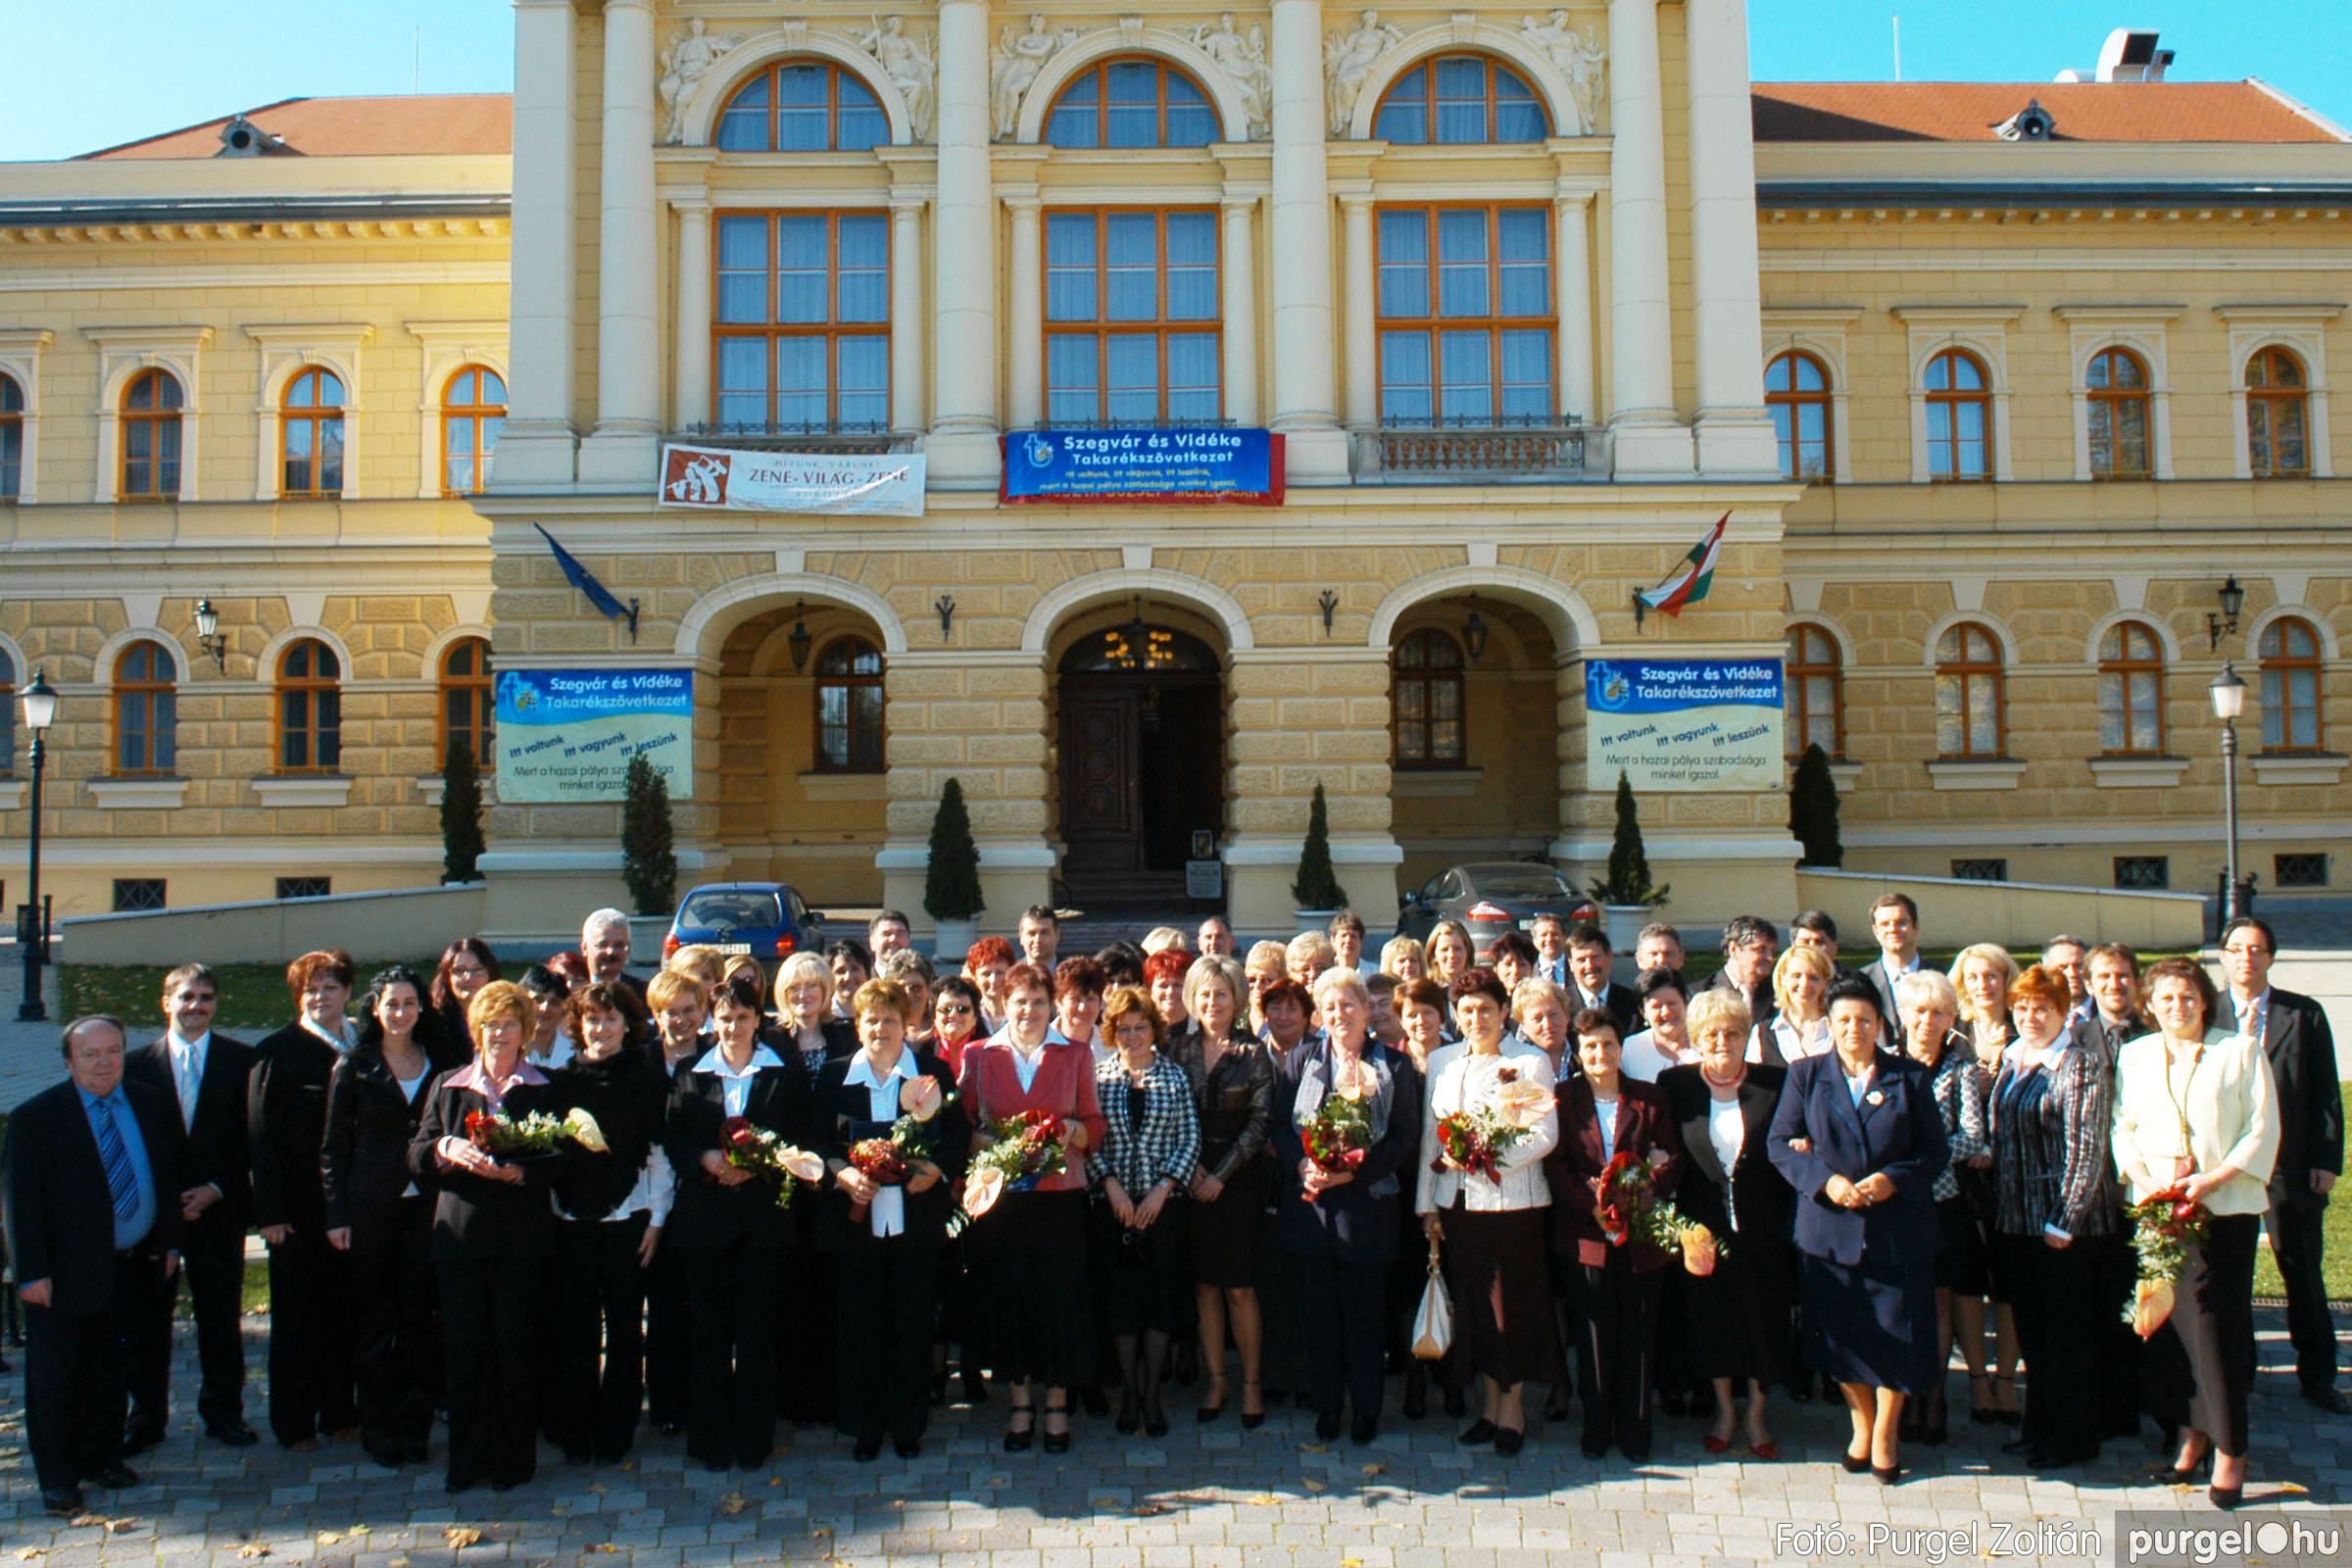 2010.10.28. 181 Szegvár és Vidéke Takarékszövetkezet takarékossági világnap rendezvény - Fotó:P. Z..jpg